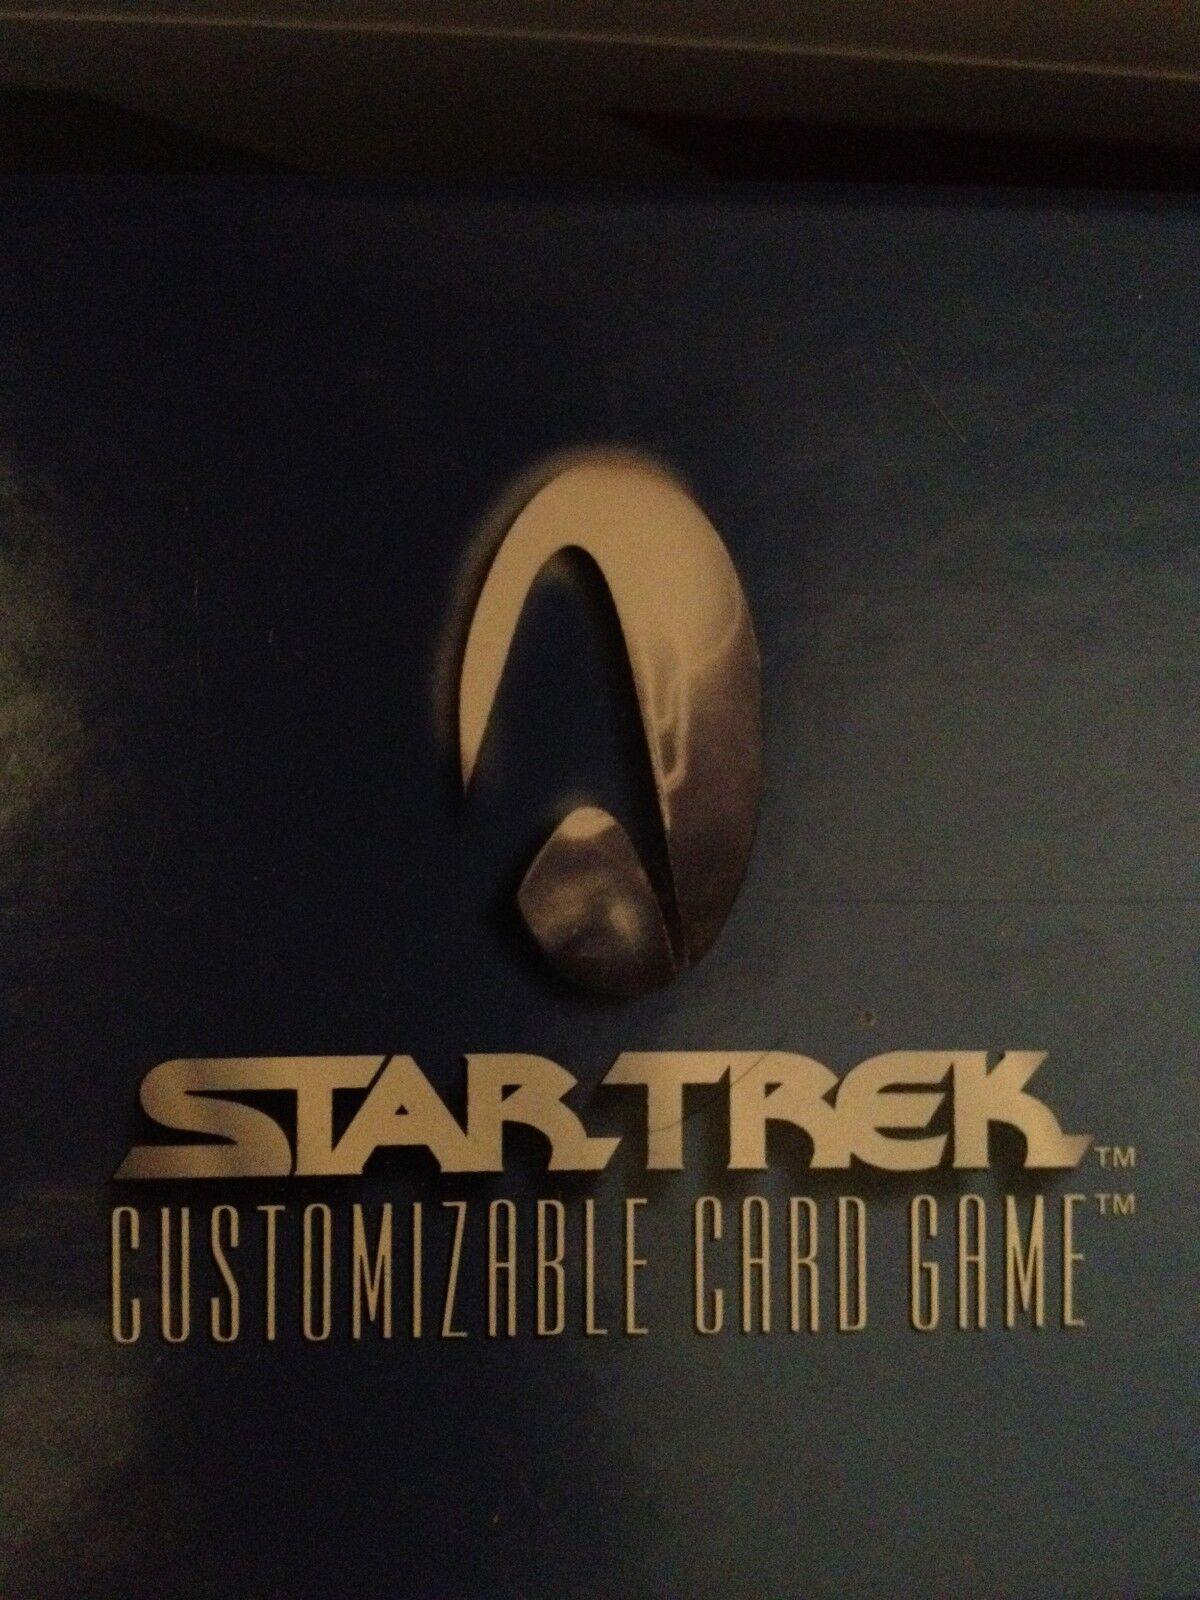 Star Trek CCG 1E Negro estreno limitada conjunto confinada Nr-conjunto de menta 363 Tarjetas